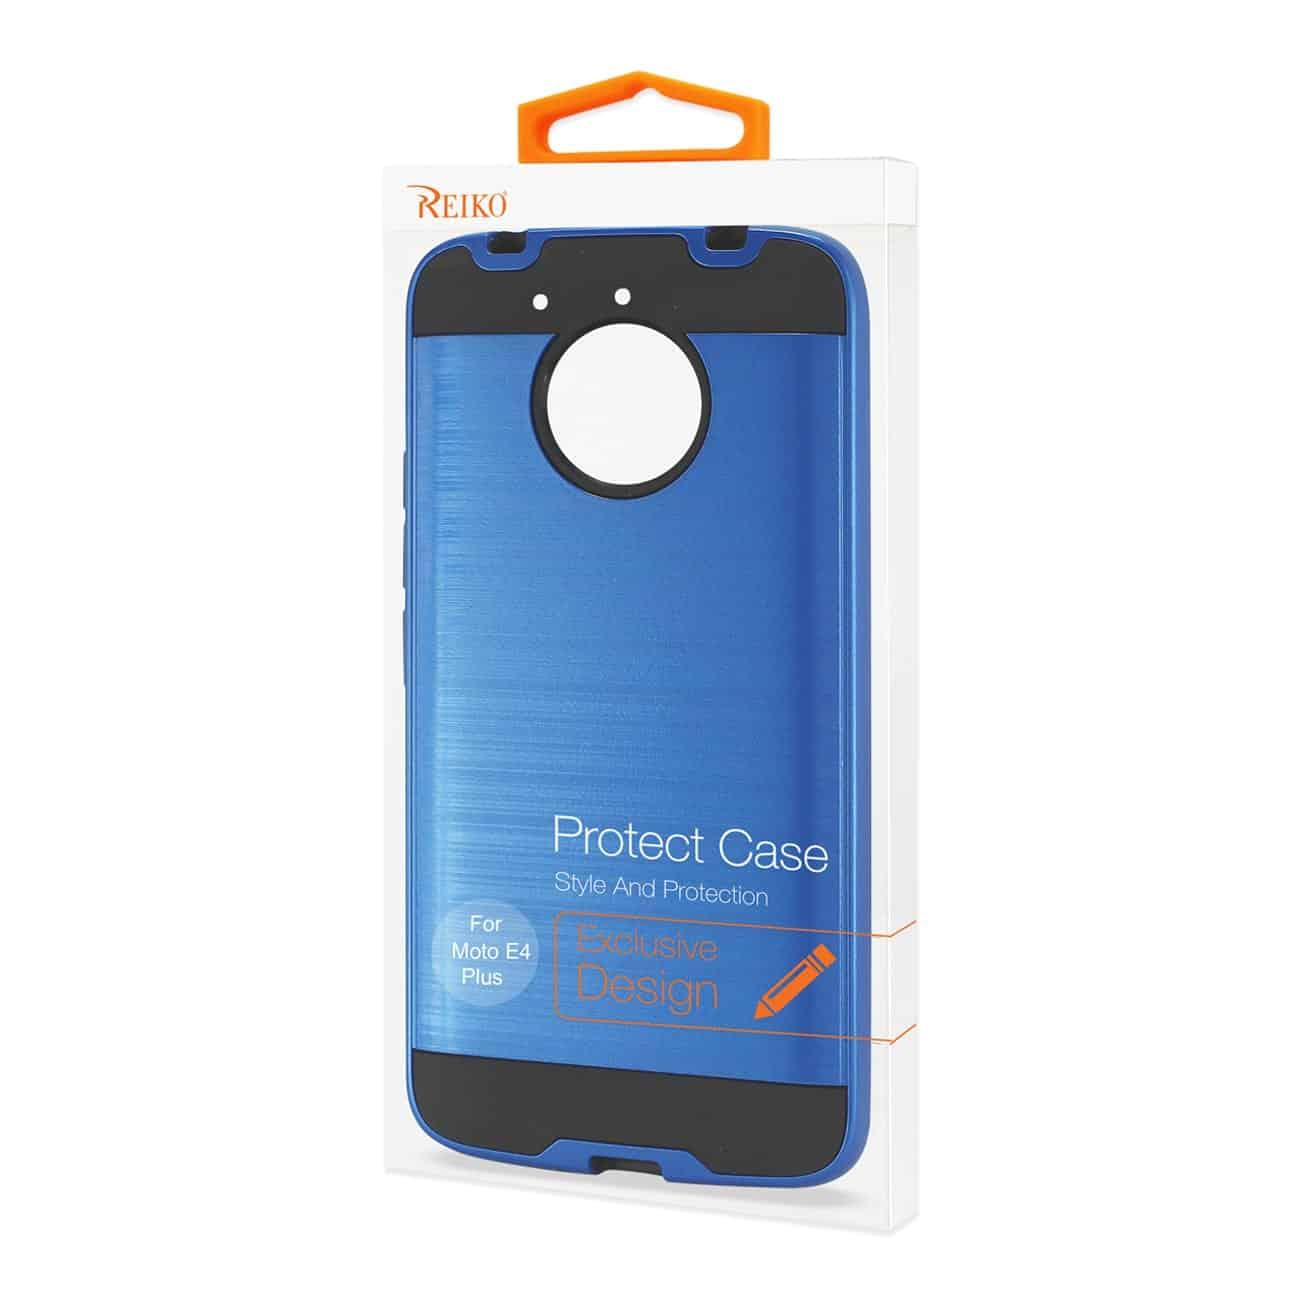 Motorola Moto E4 Plus Hybrid Metal Brushed Texture Case In Navy